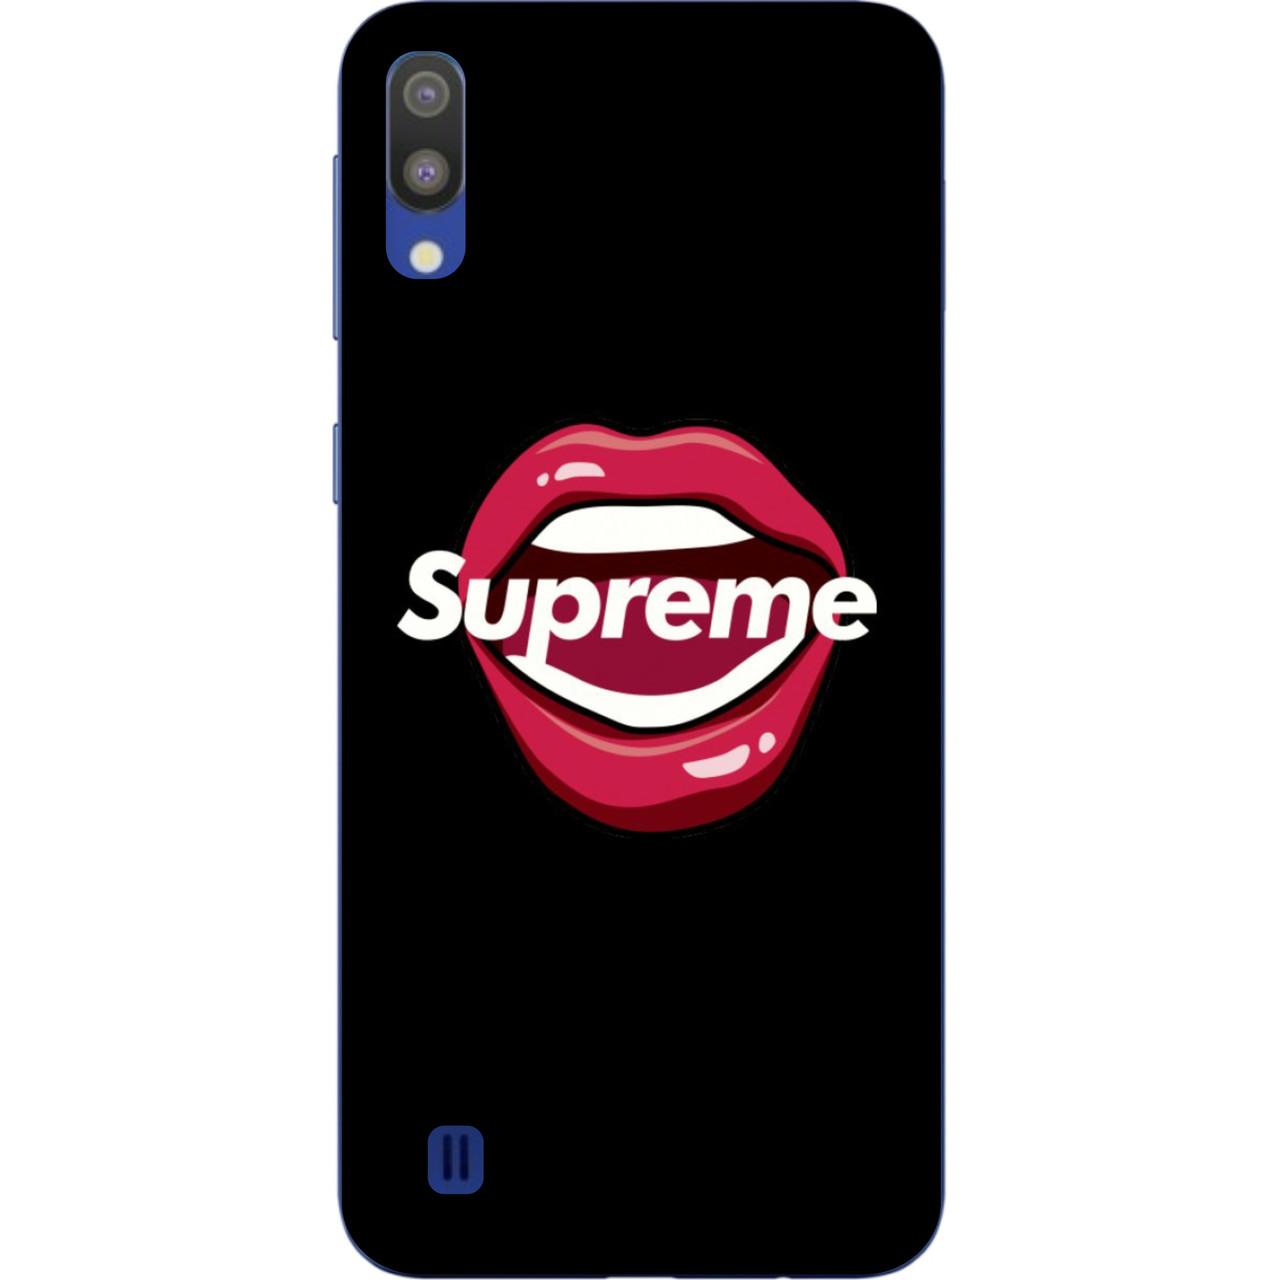 Силиконовый чехол бампер для Samsung Galaxy M10 / A10 с картинкой Губы Supreme